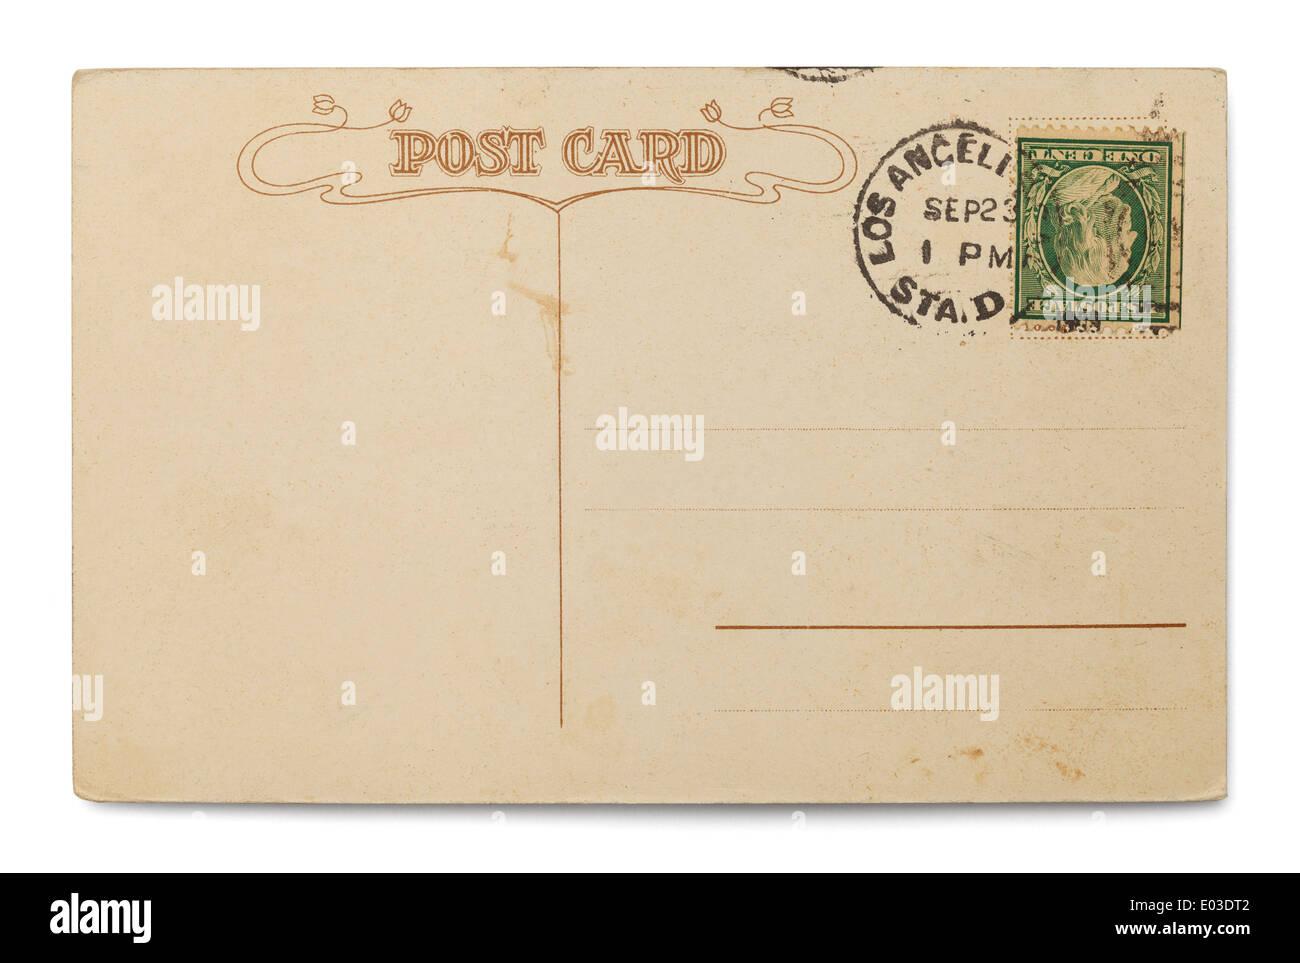 Estampado postal con copia espacio aislado sobre fondo blanco. Foto de stock